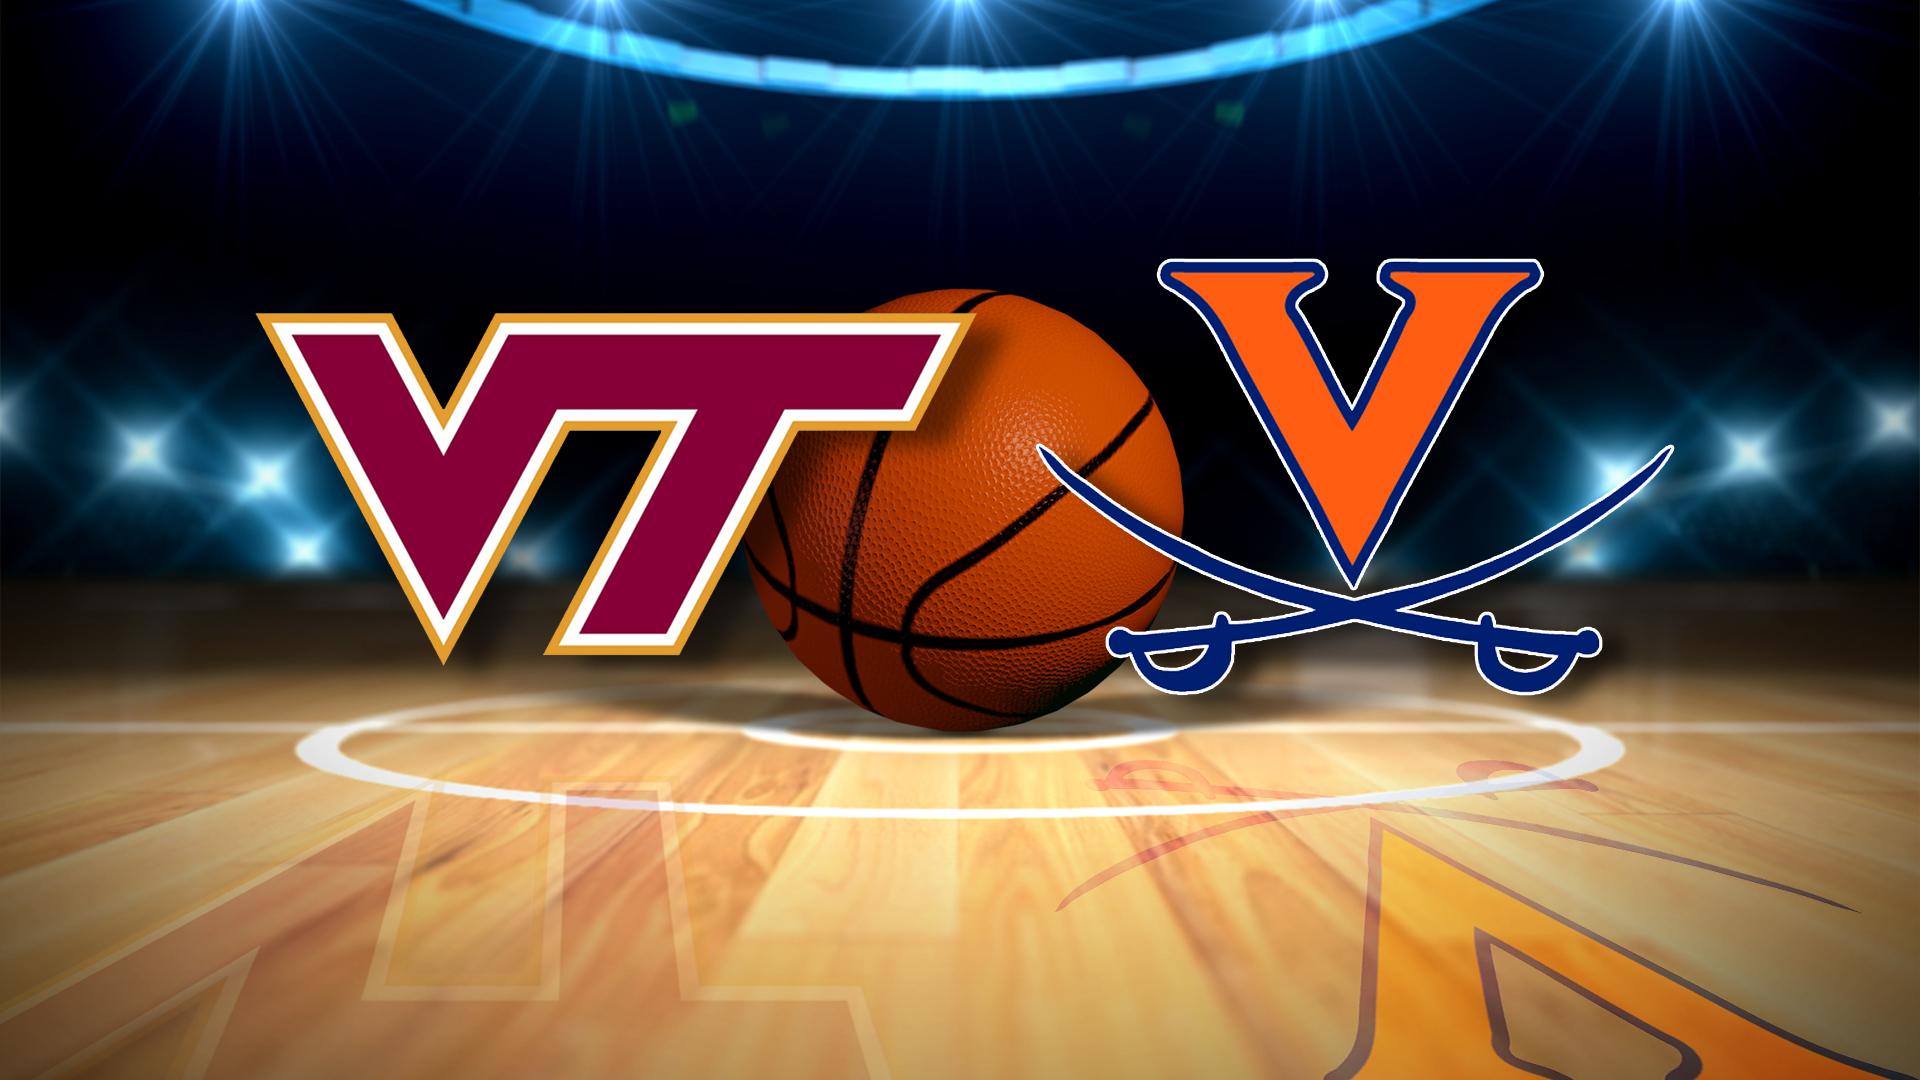 MONITOR-Basketball-VT-UVA_1485491719228.jpg